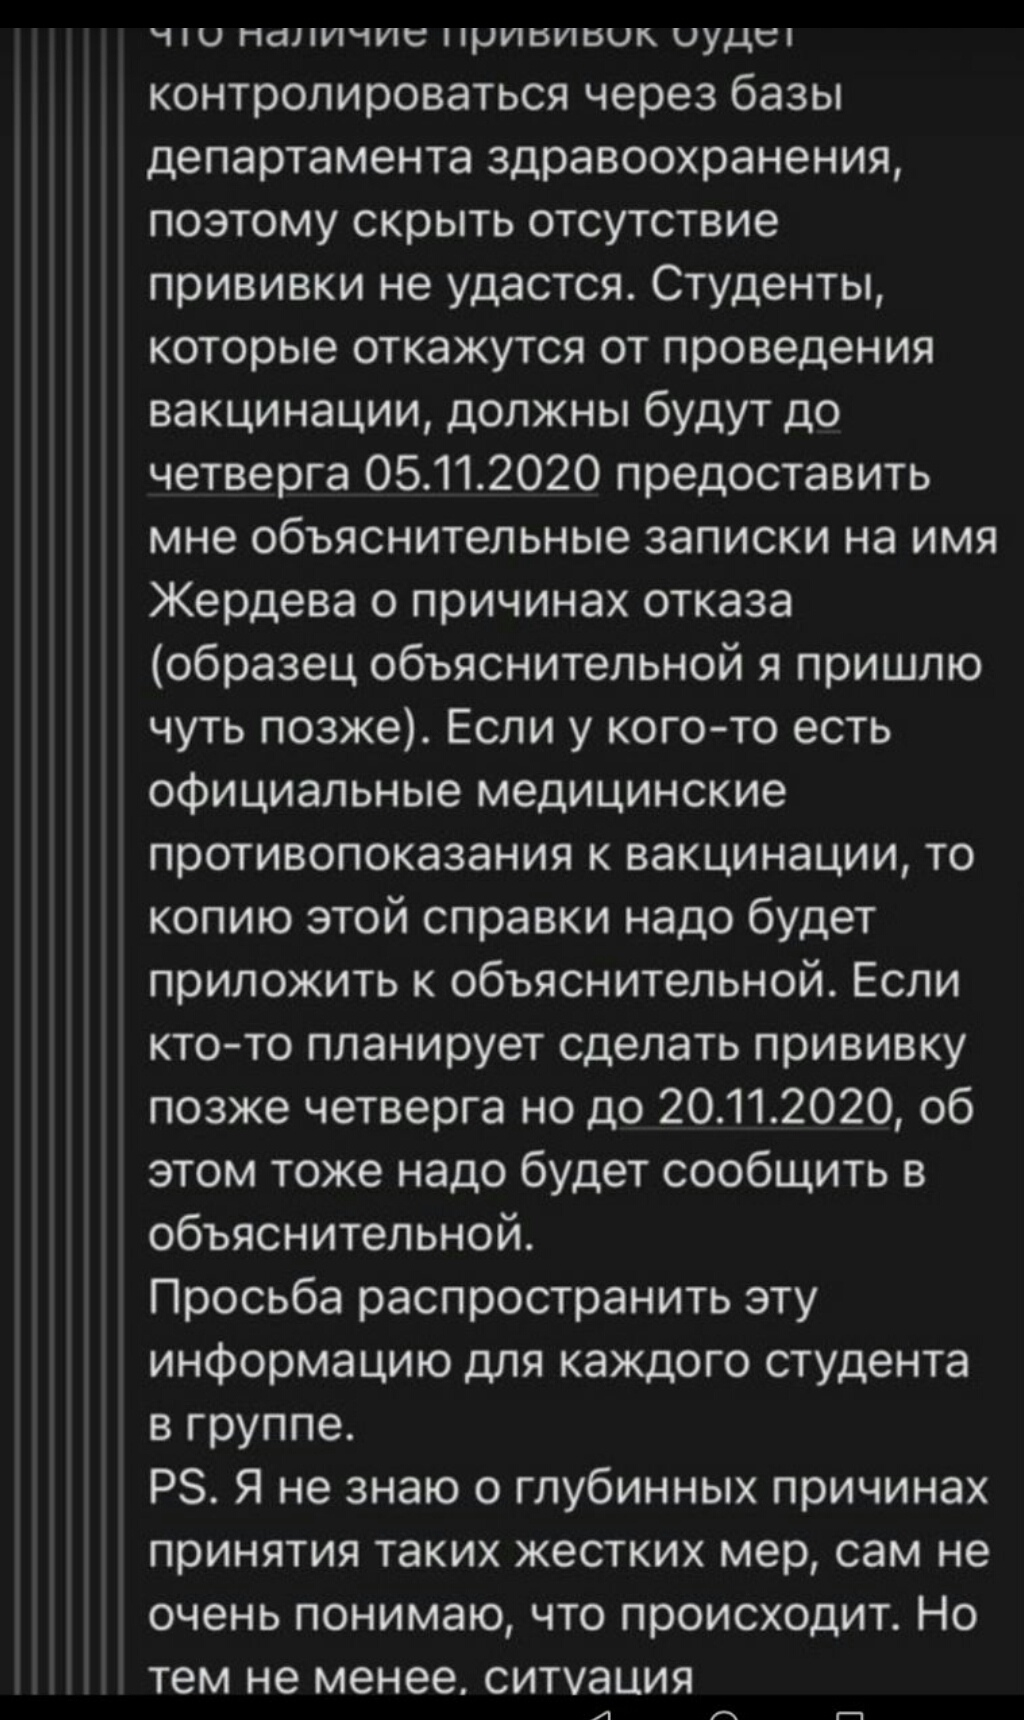 J5k0_vr8a5A